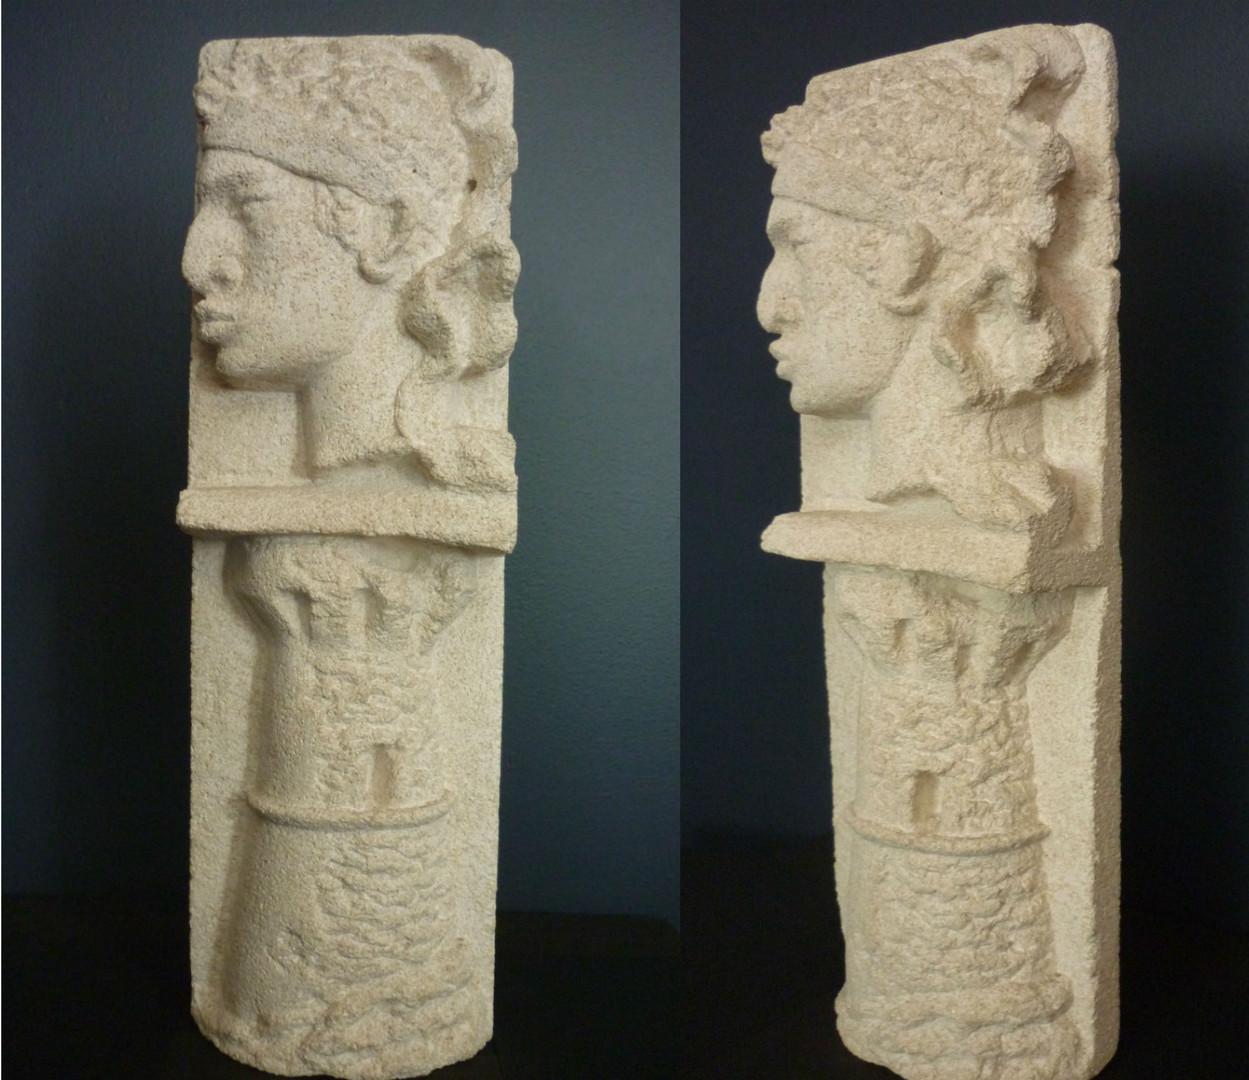 """Bas Relief Sculpture in Corsican calcium stone  """"Tête de Maure & Tour Génoise"""" 13h x 4w x 2d"""""""